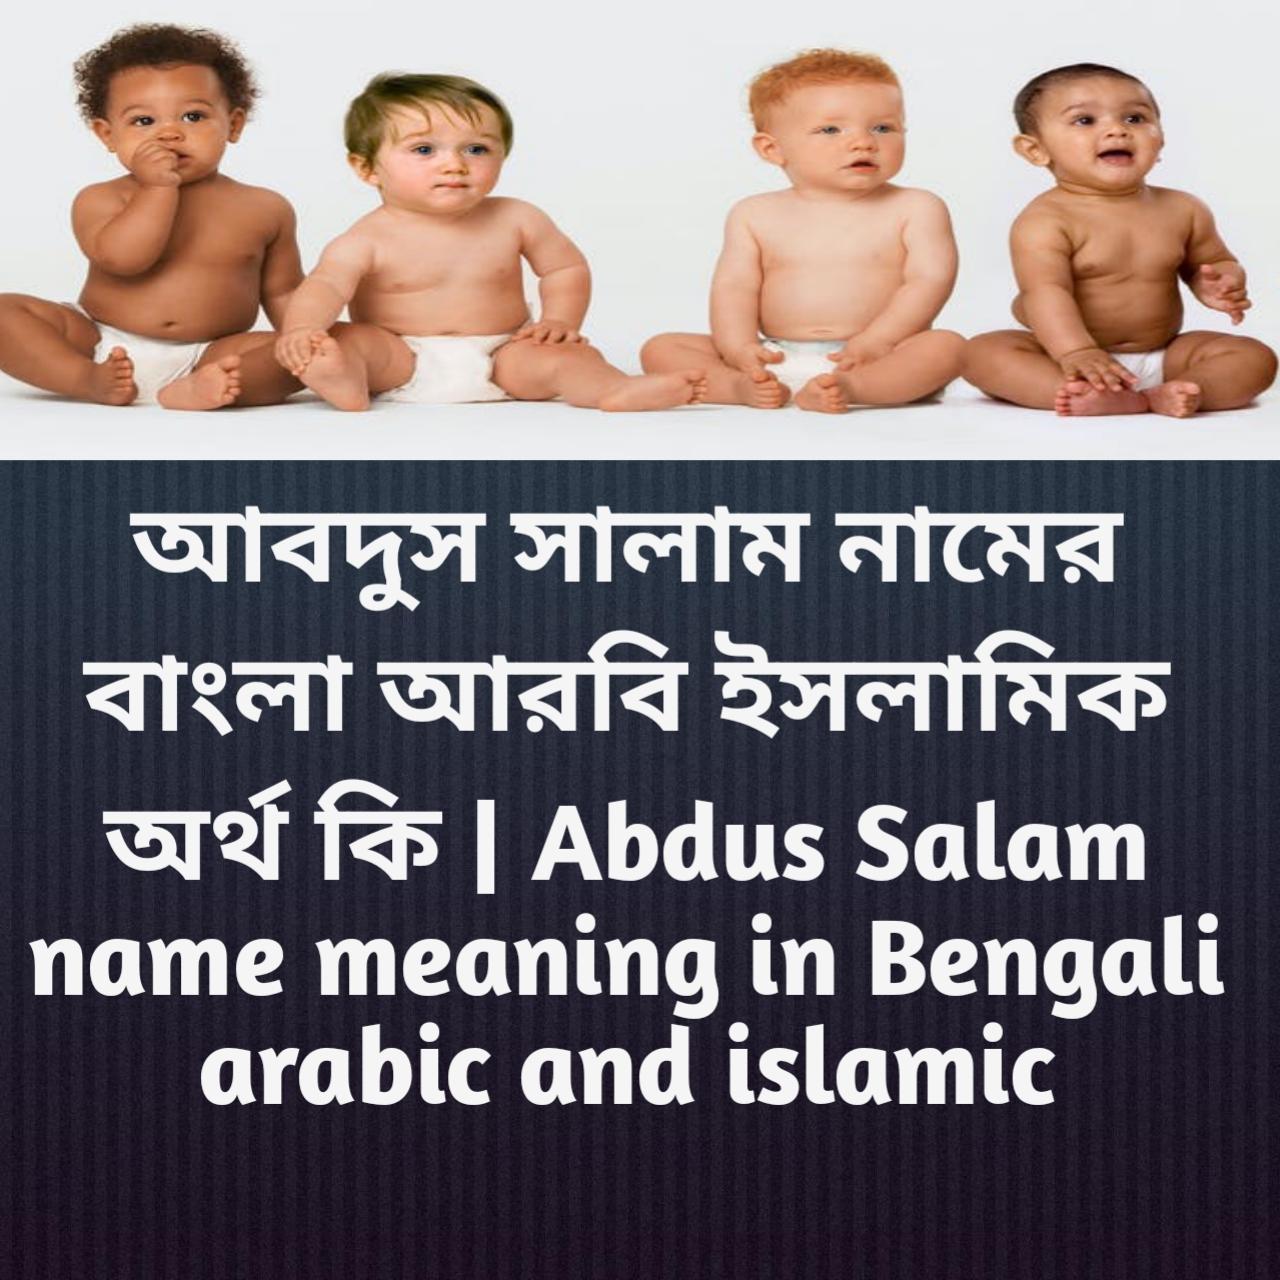 আবদুস সালাম নামের অর্থ কি, আবদুস সালাম নামের বাংলা অর্থ কি, আবদুস সালাম নামের ইসলামিক অর্থ কি, Abdus Salam name meaning in Bengali, আবদুস সালাম কি ইসলামিক নাম,